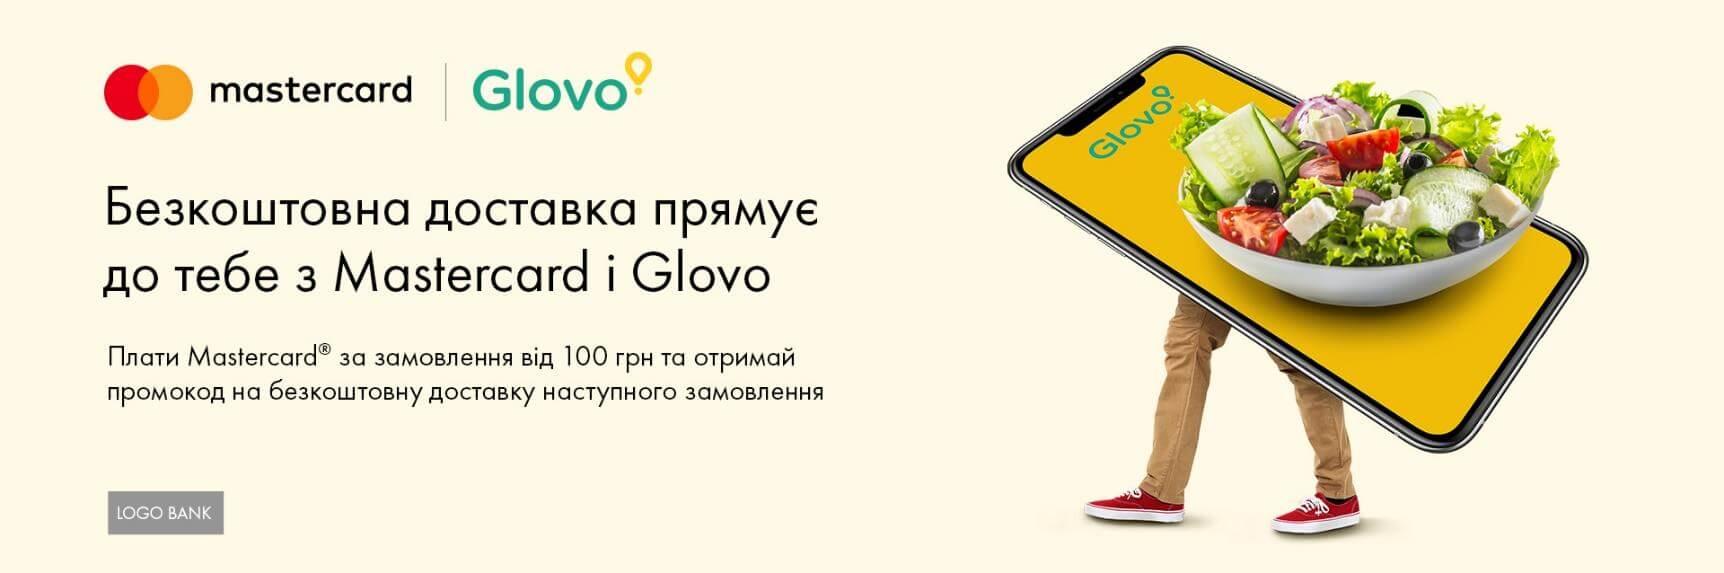 Акція від Mastercard і Glovo - фото - mtb.ua